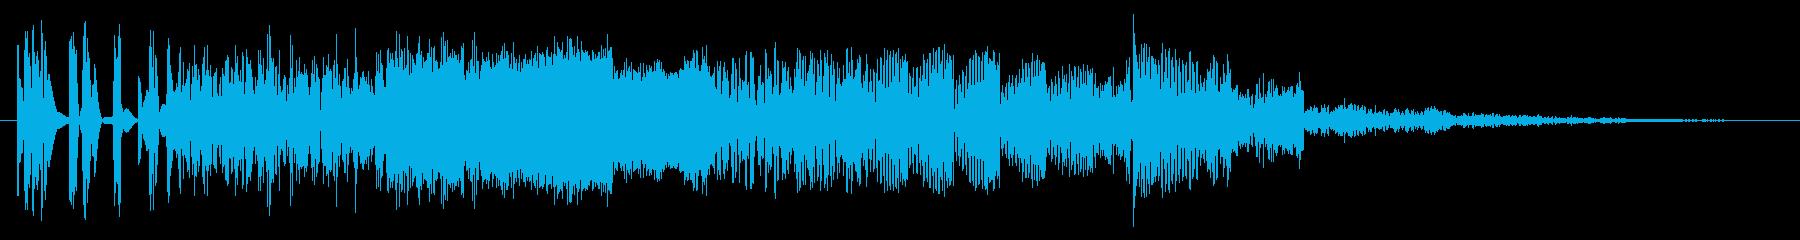 テクノウォーズの再生済みの波形